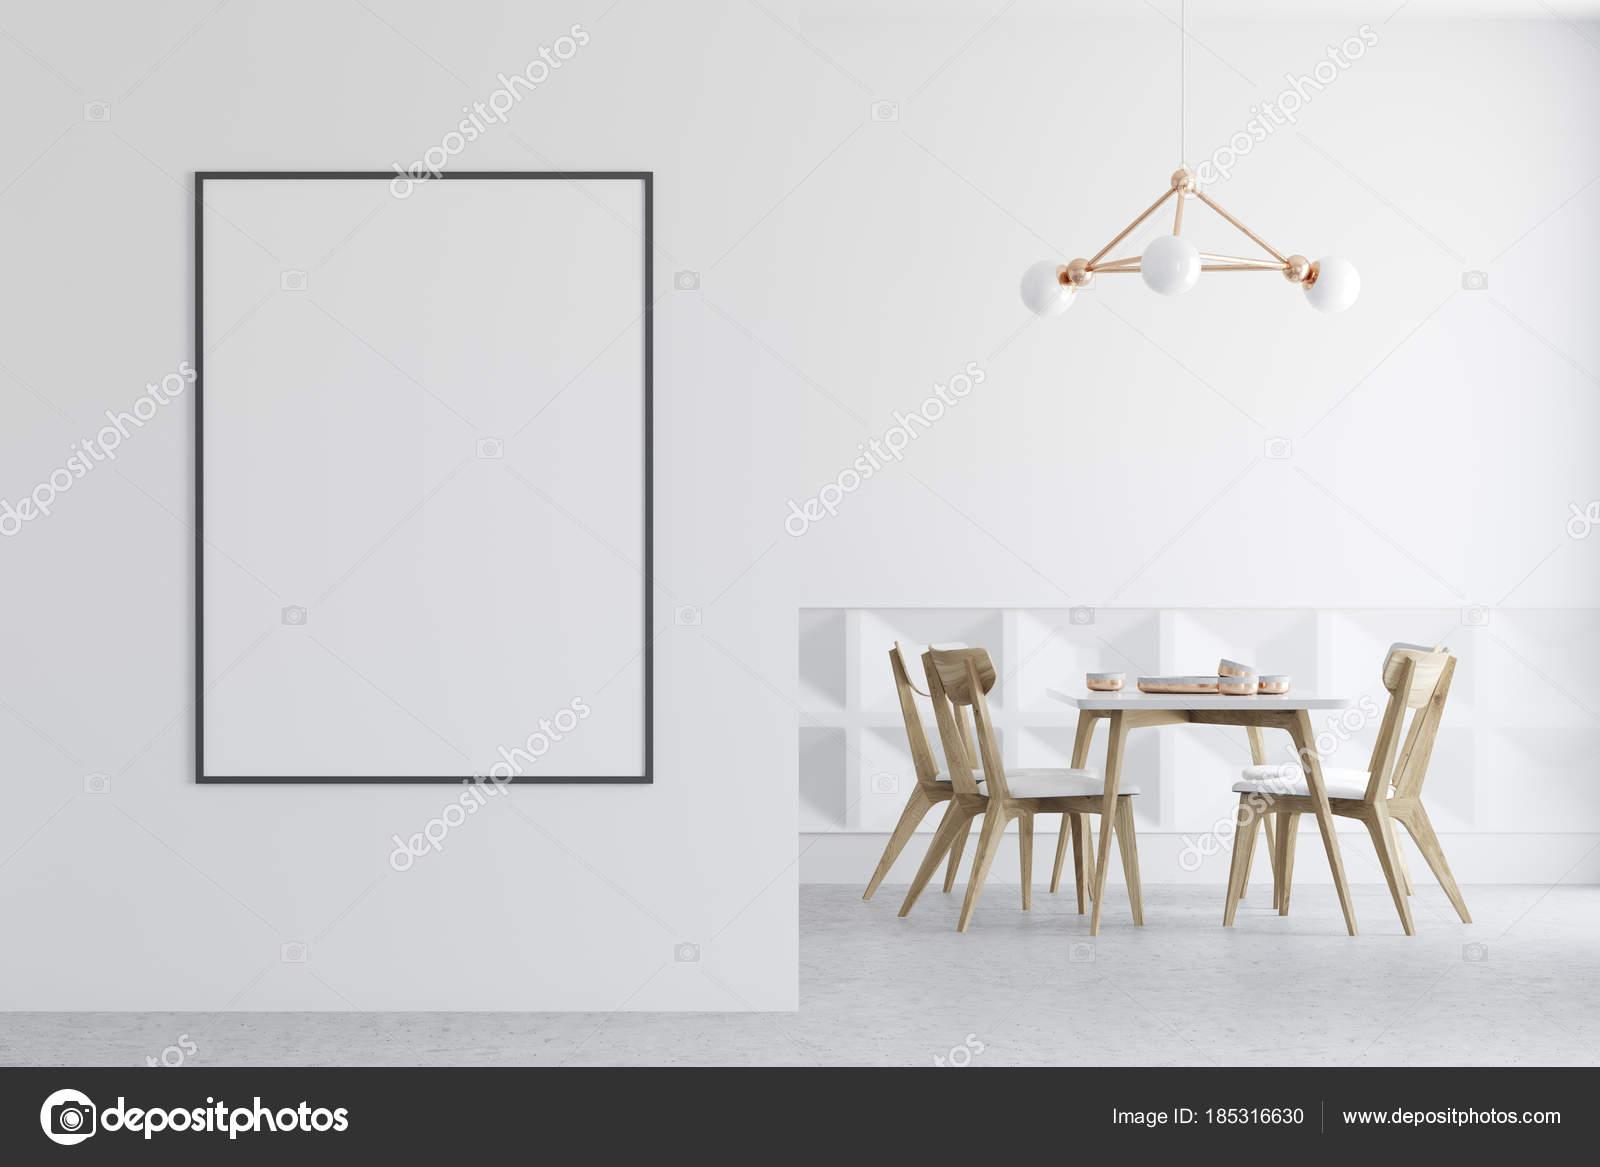 Witte Houten Eetkamerstoelen.Witte Houten Stoelen Dining Room Poster Op De Muur Stockfoto